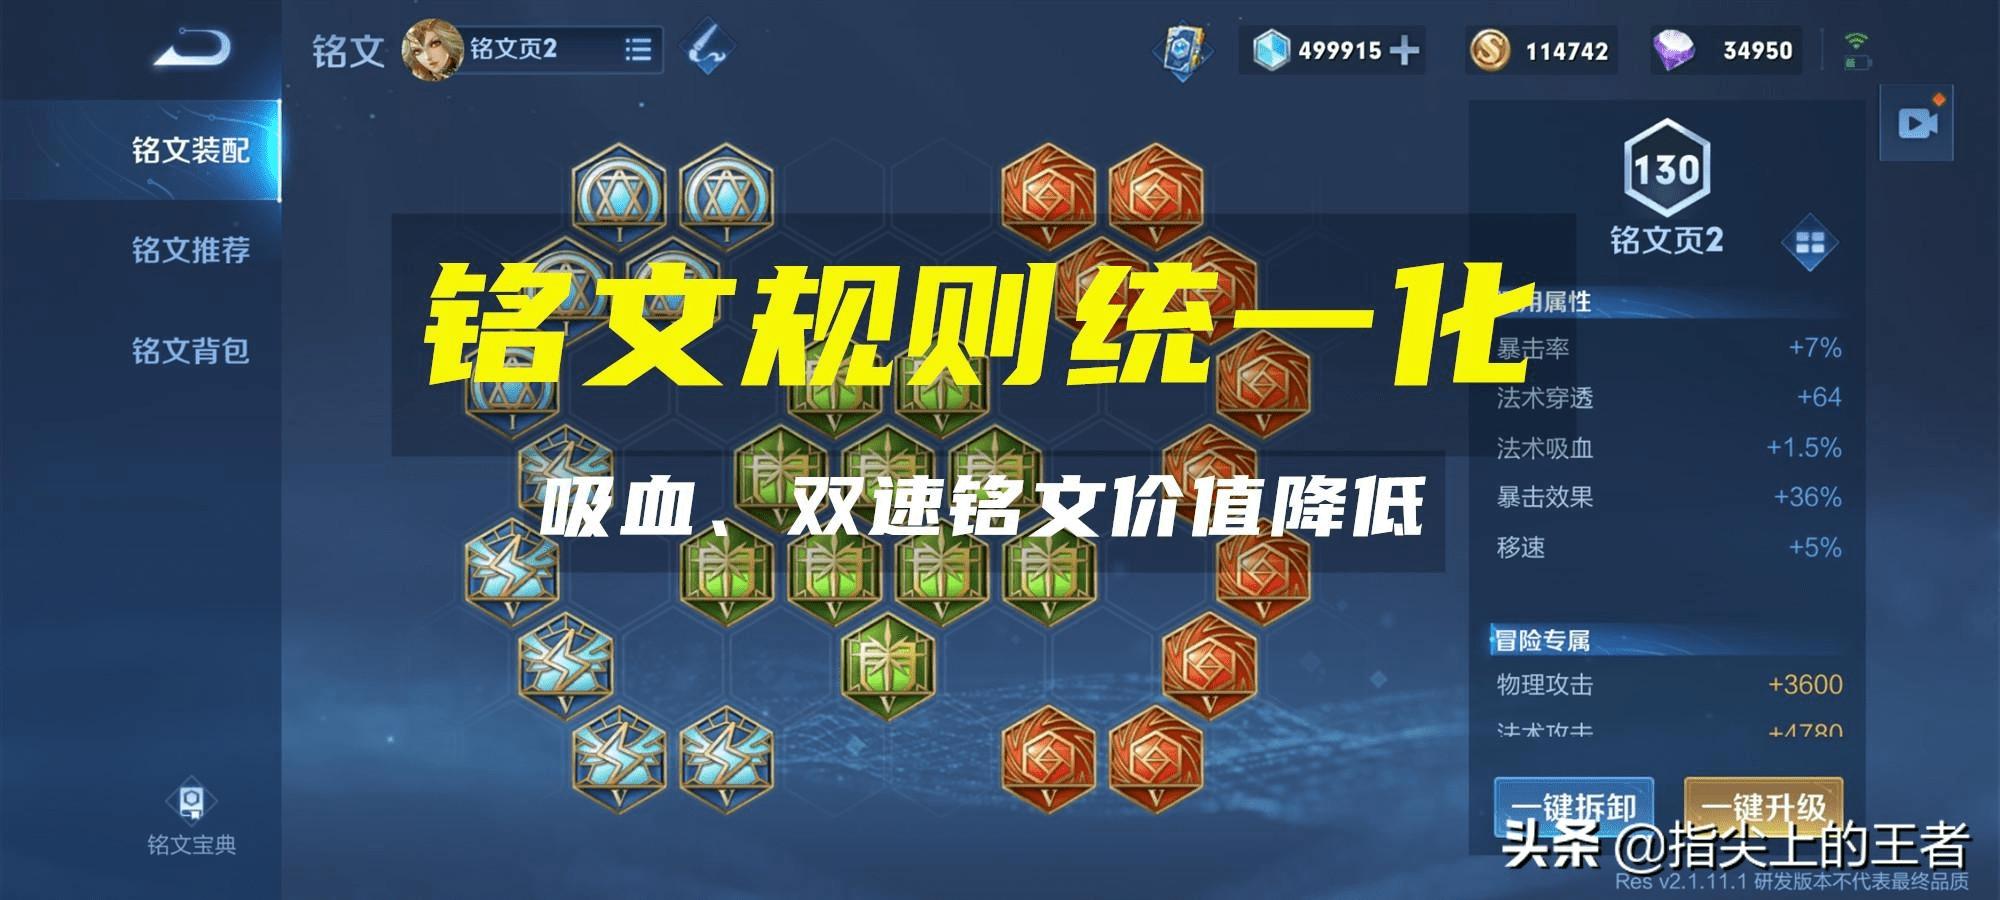 王者荣耀s22赛季铭文系统详解,三种铭文被削弱,五级特权来了